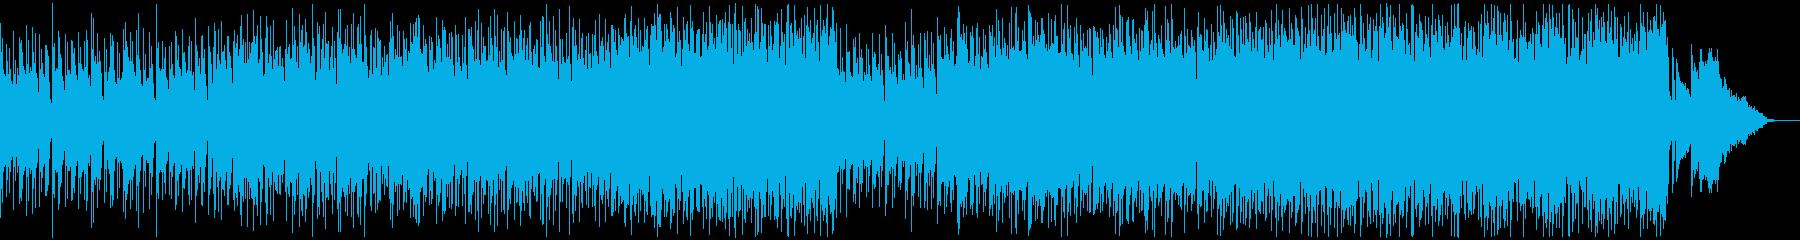 シリアスなドキュメンタリー向けの曲の再生済みの波形